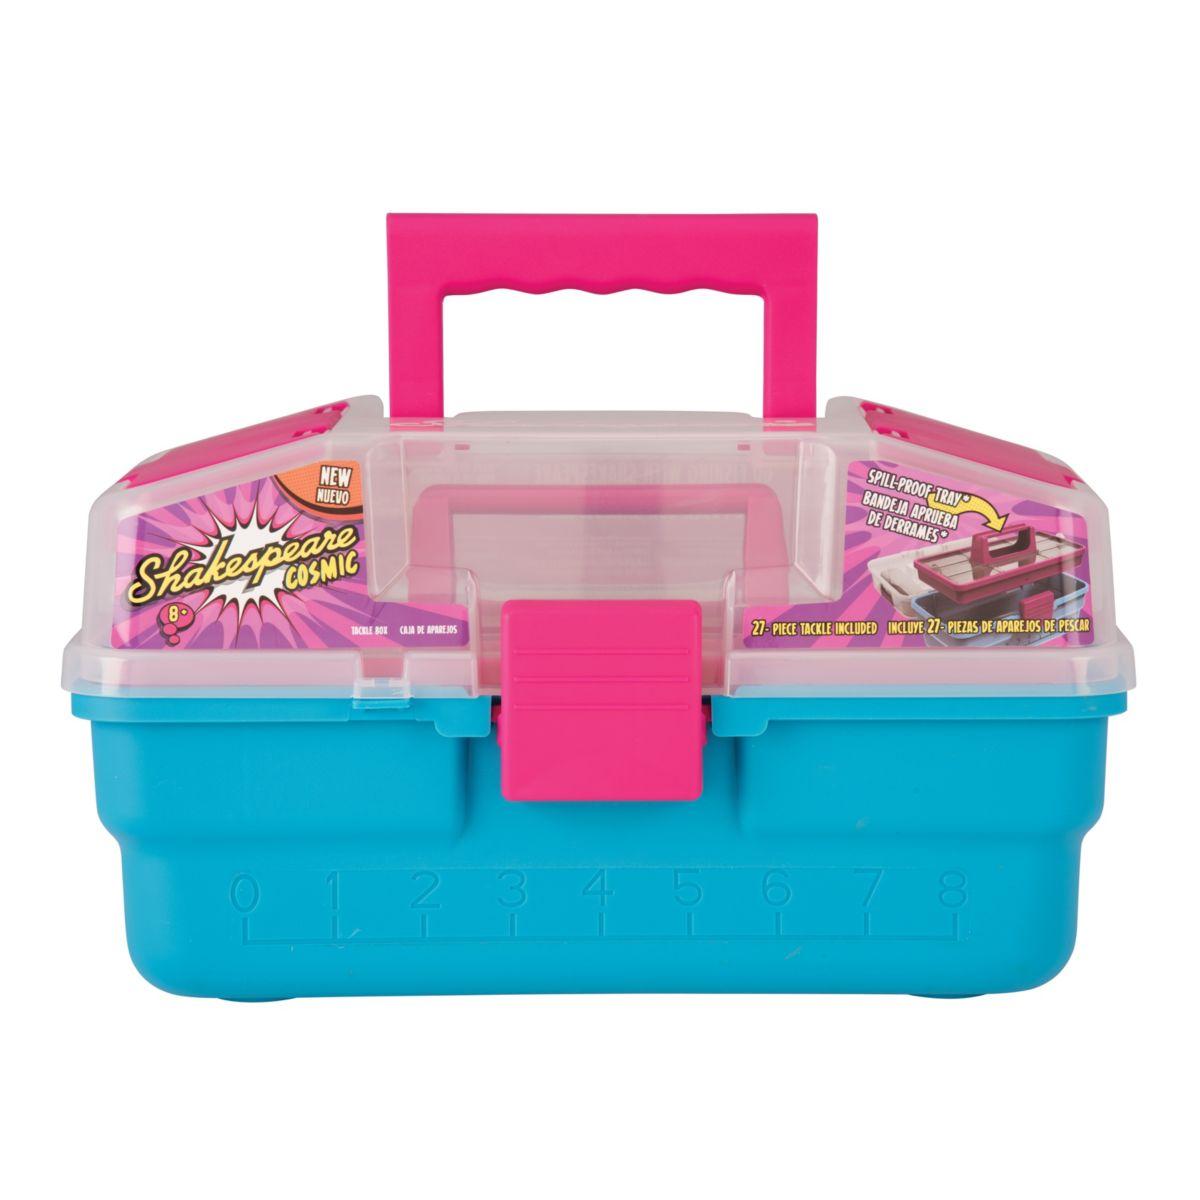 Dětský kufřík Shakespeare Cosmic Raspberry Tackle Box